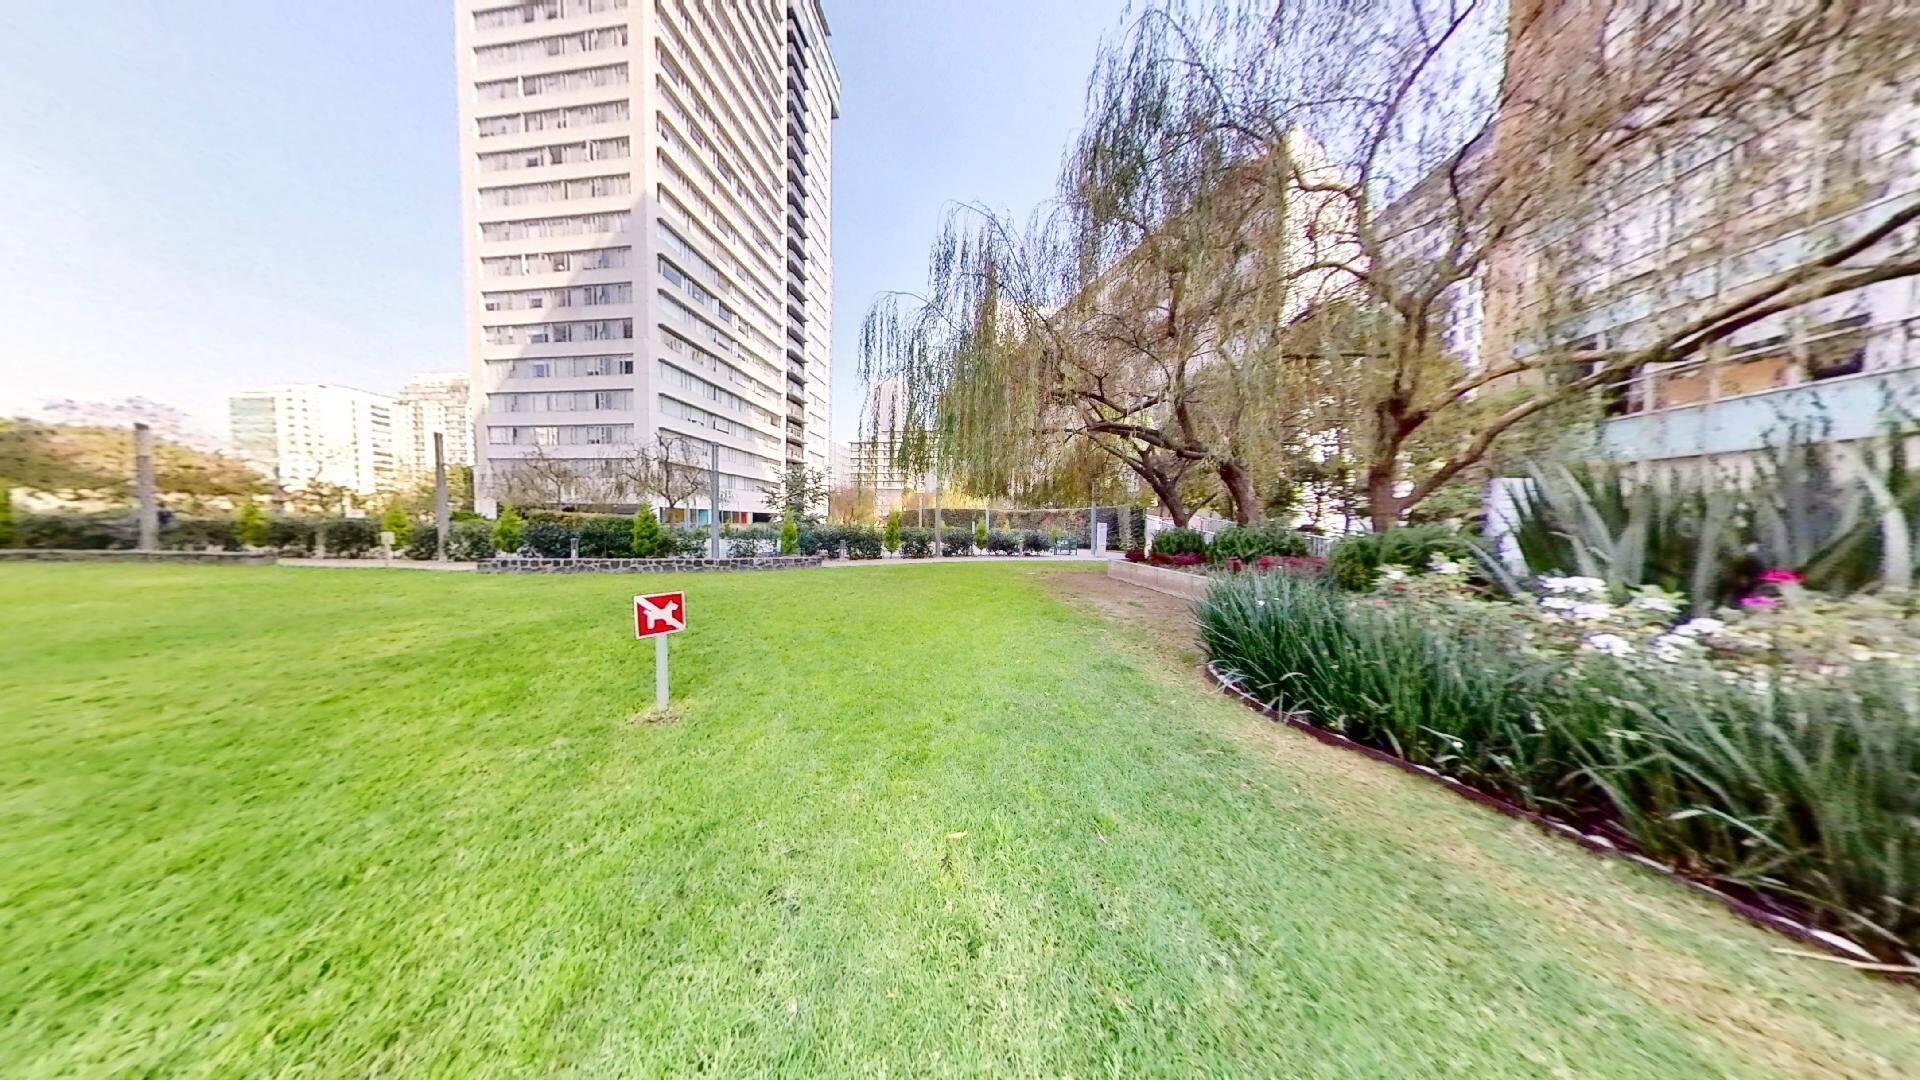 Departamento 2 recámaras en venta en Torre Central de Parques Polanco. Area Verde y Torre Central